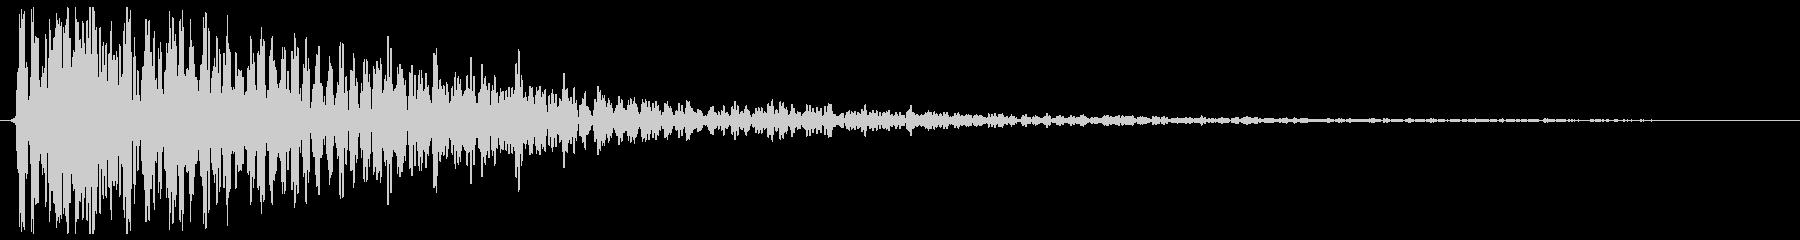 ゴーン(低めの鐘の音色)の未再生の波形